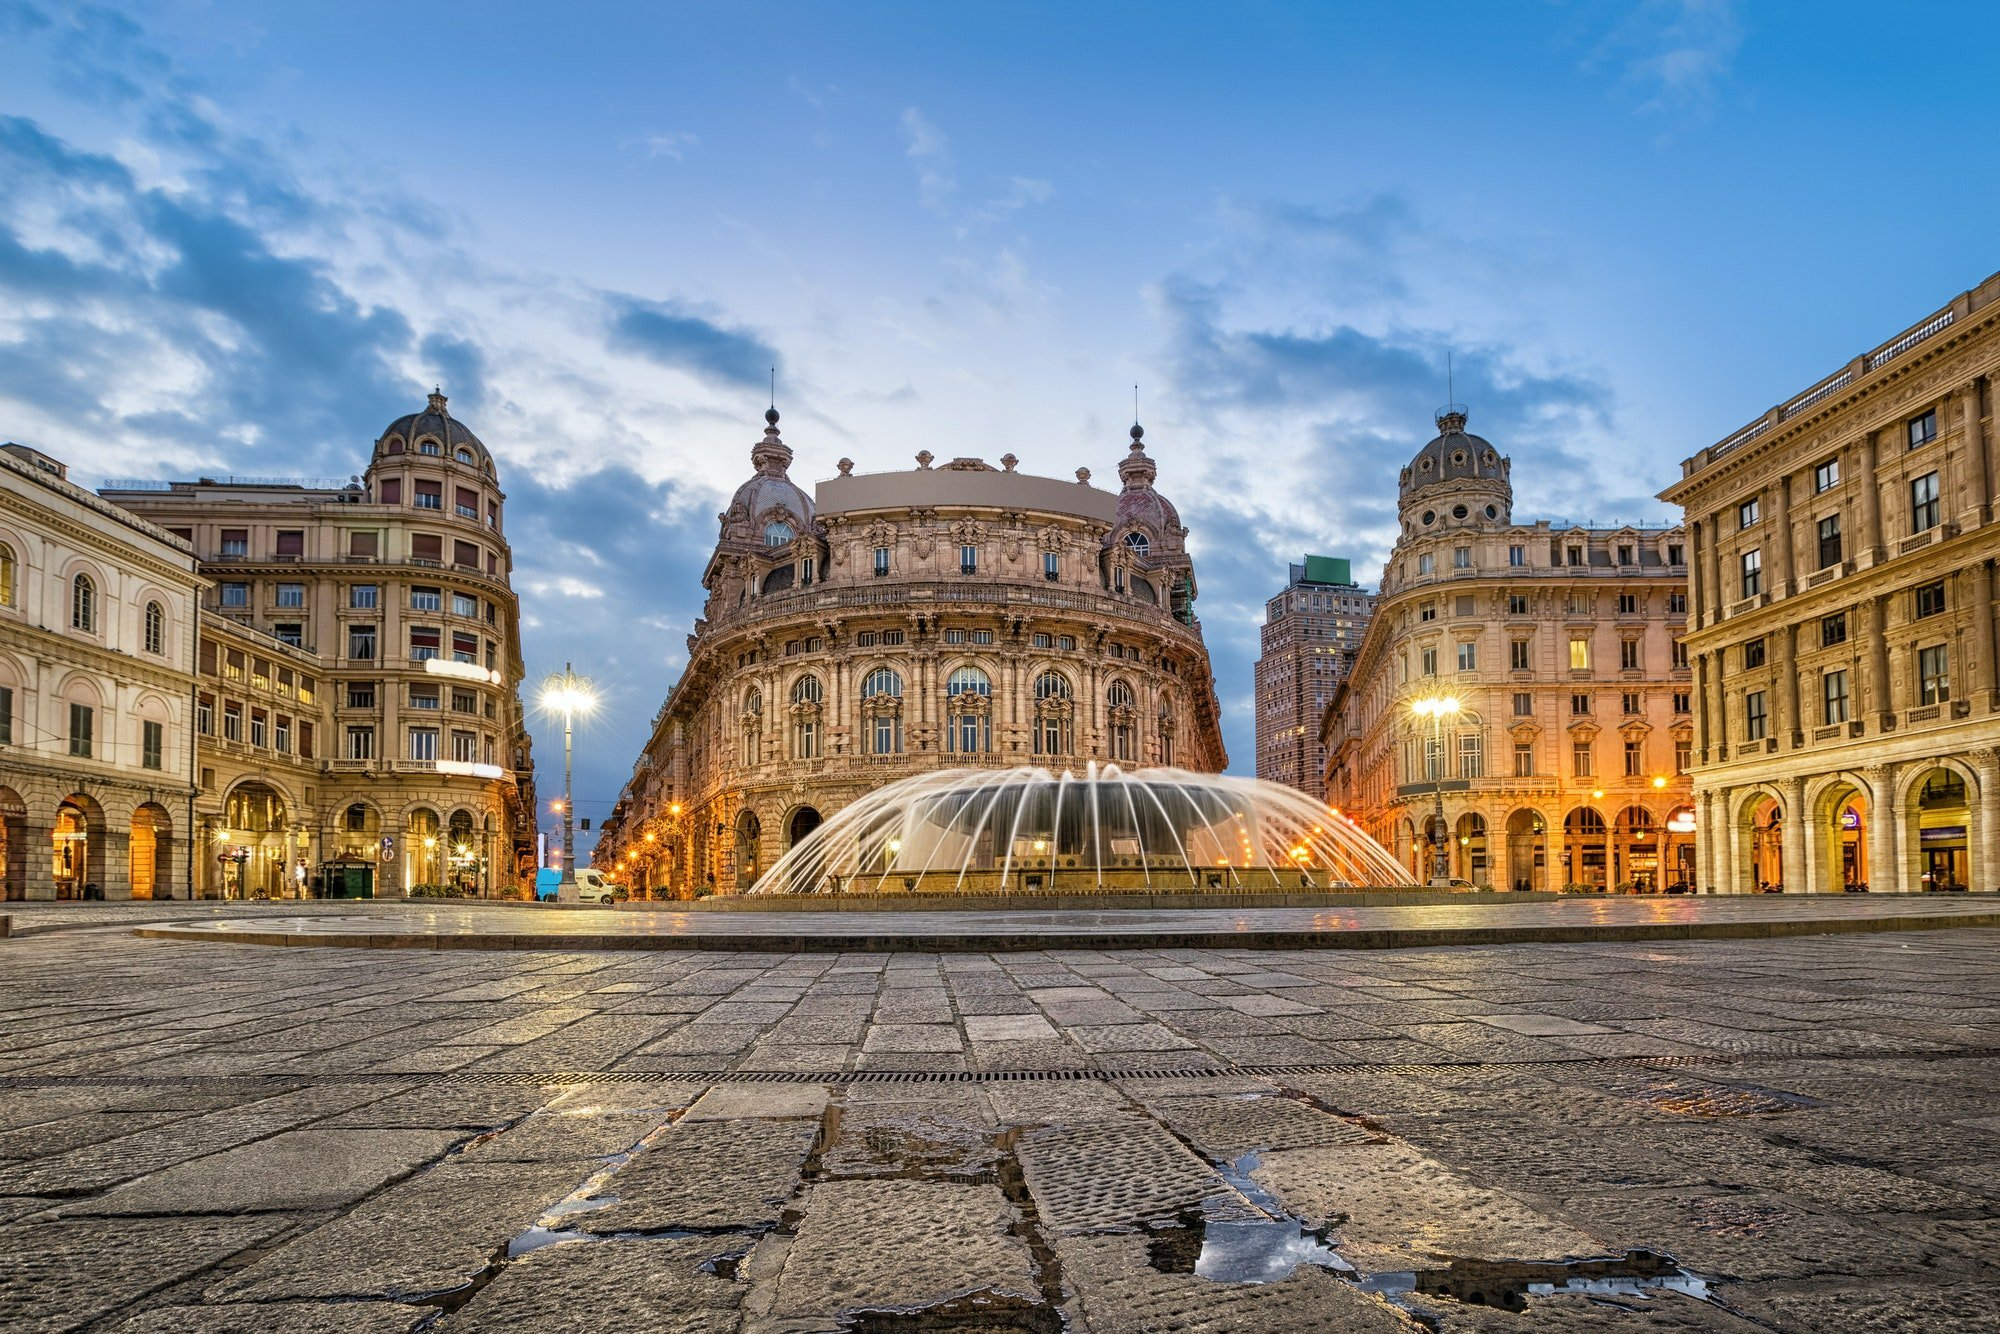 Piazza De Ferrari square in Genoa